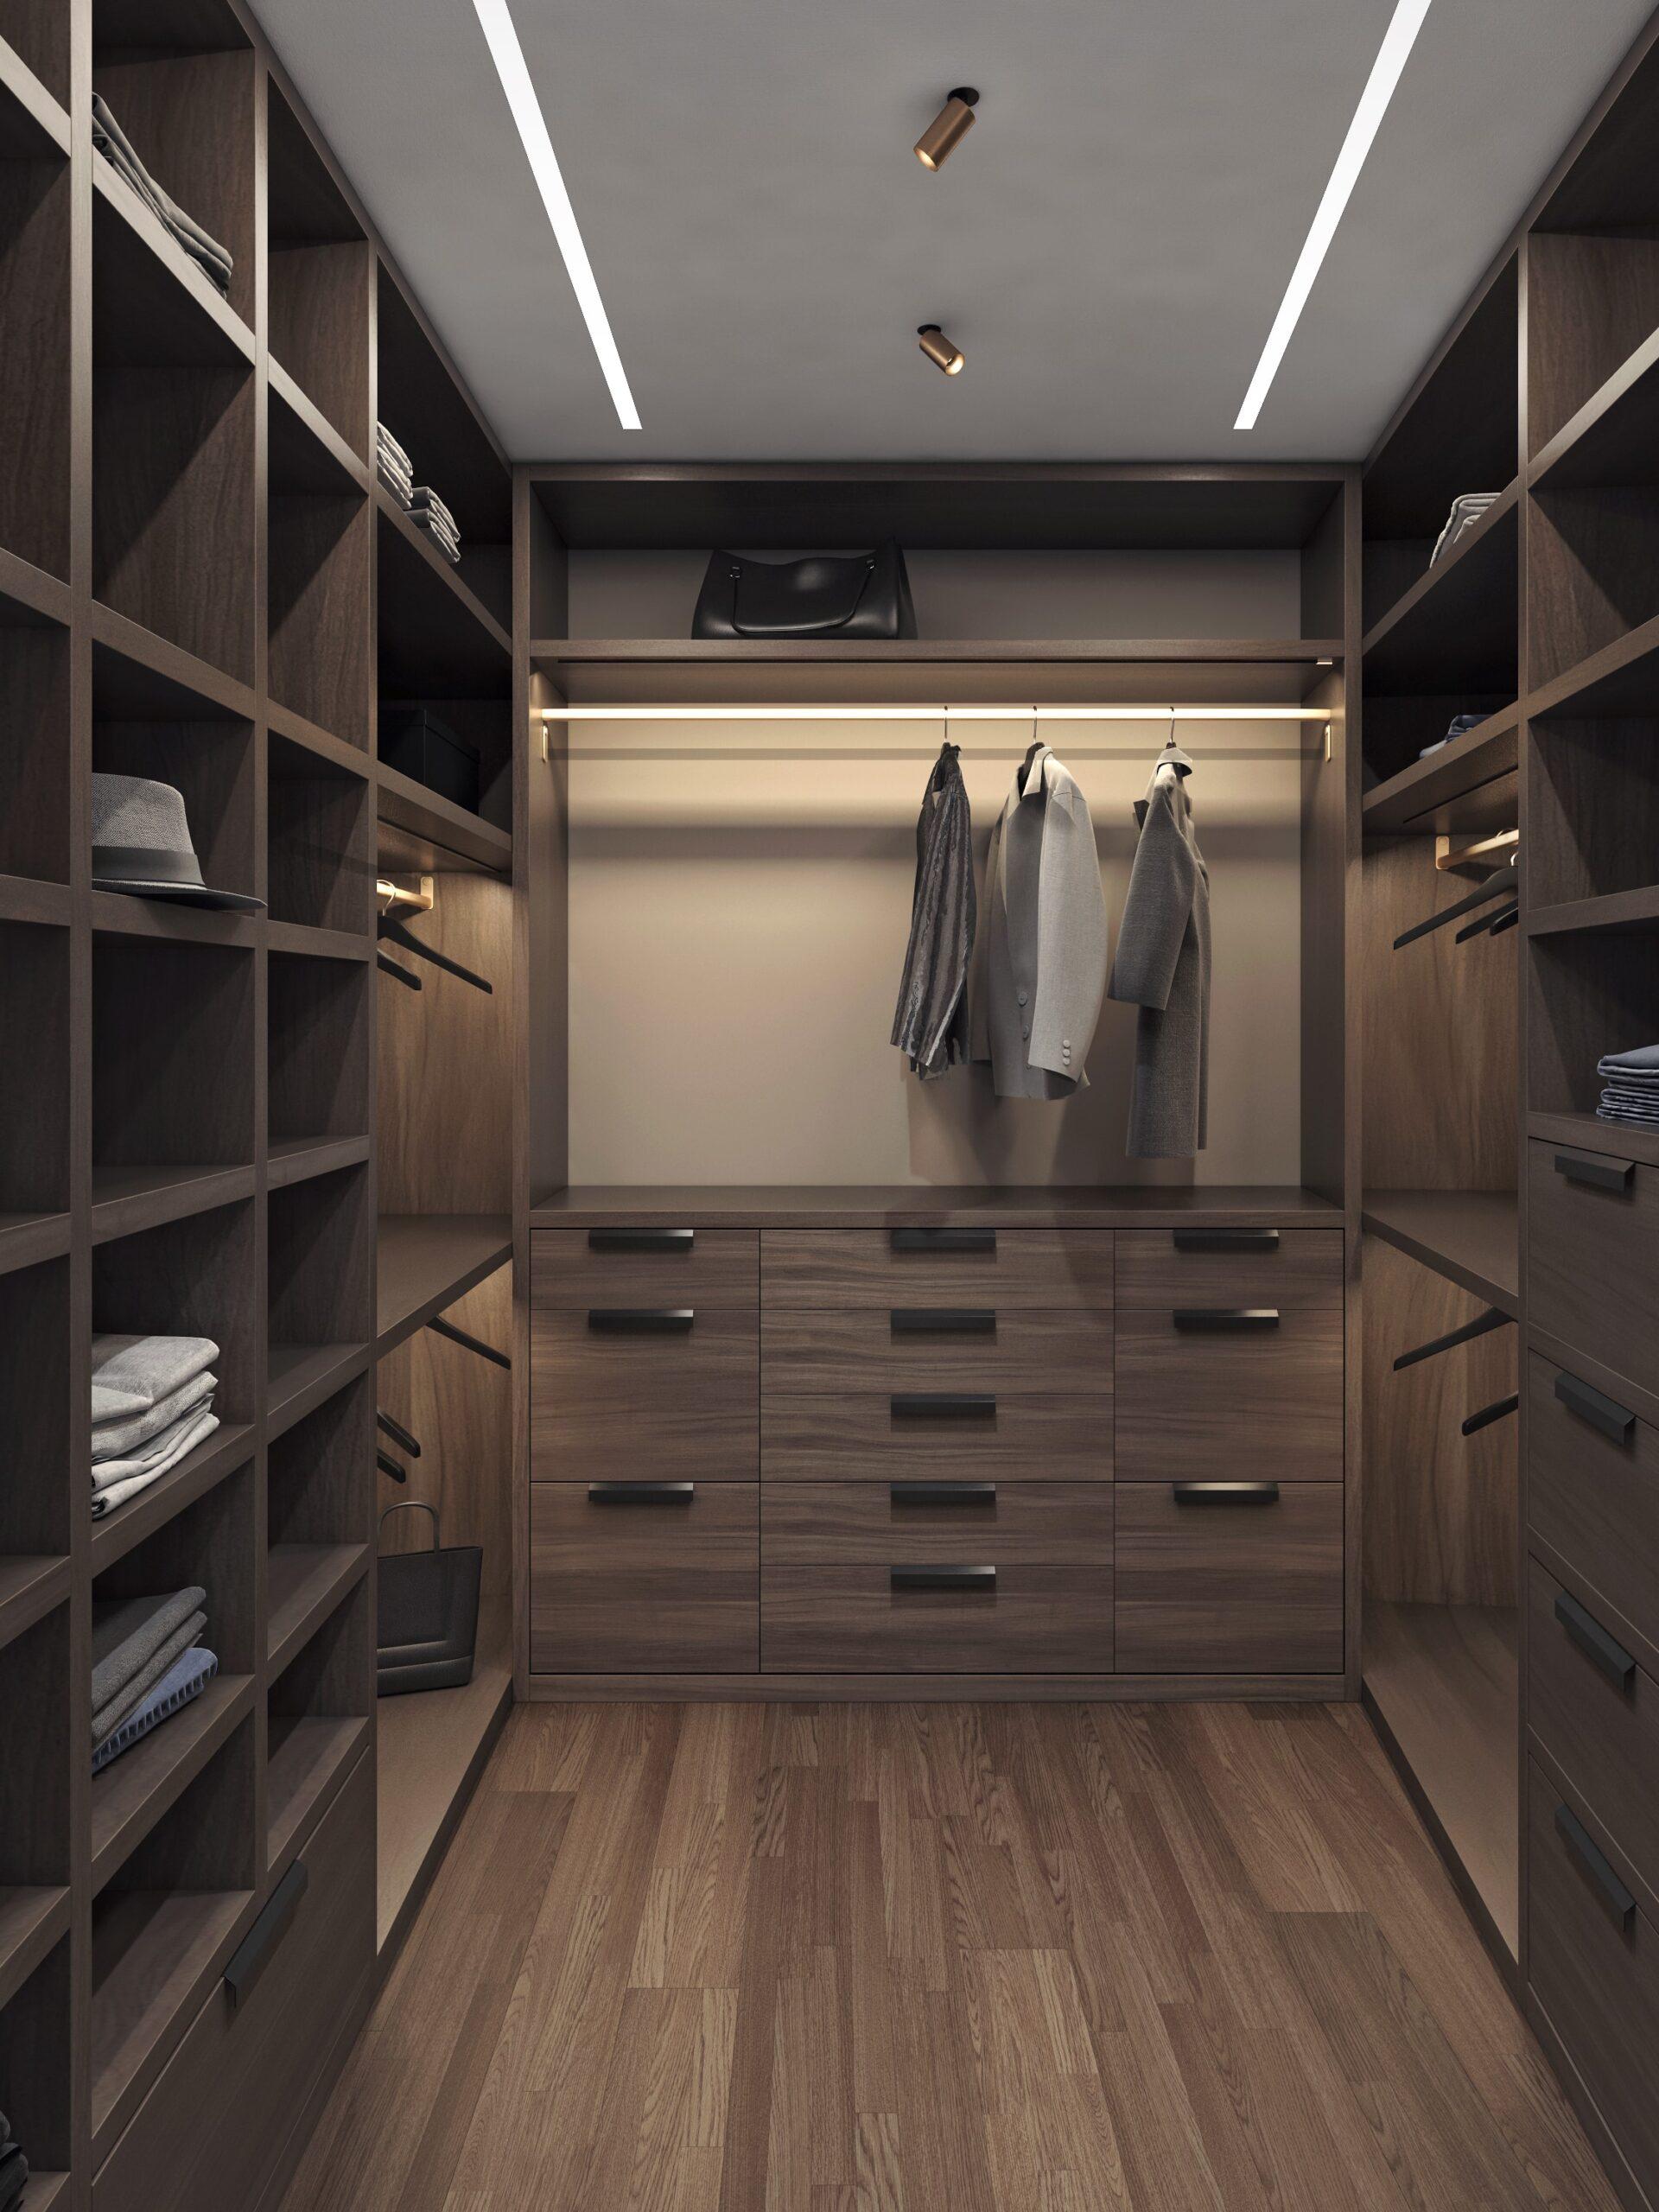 28 Garderob